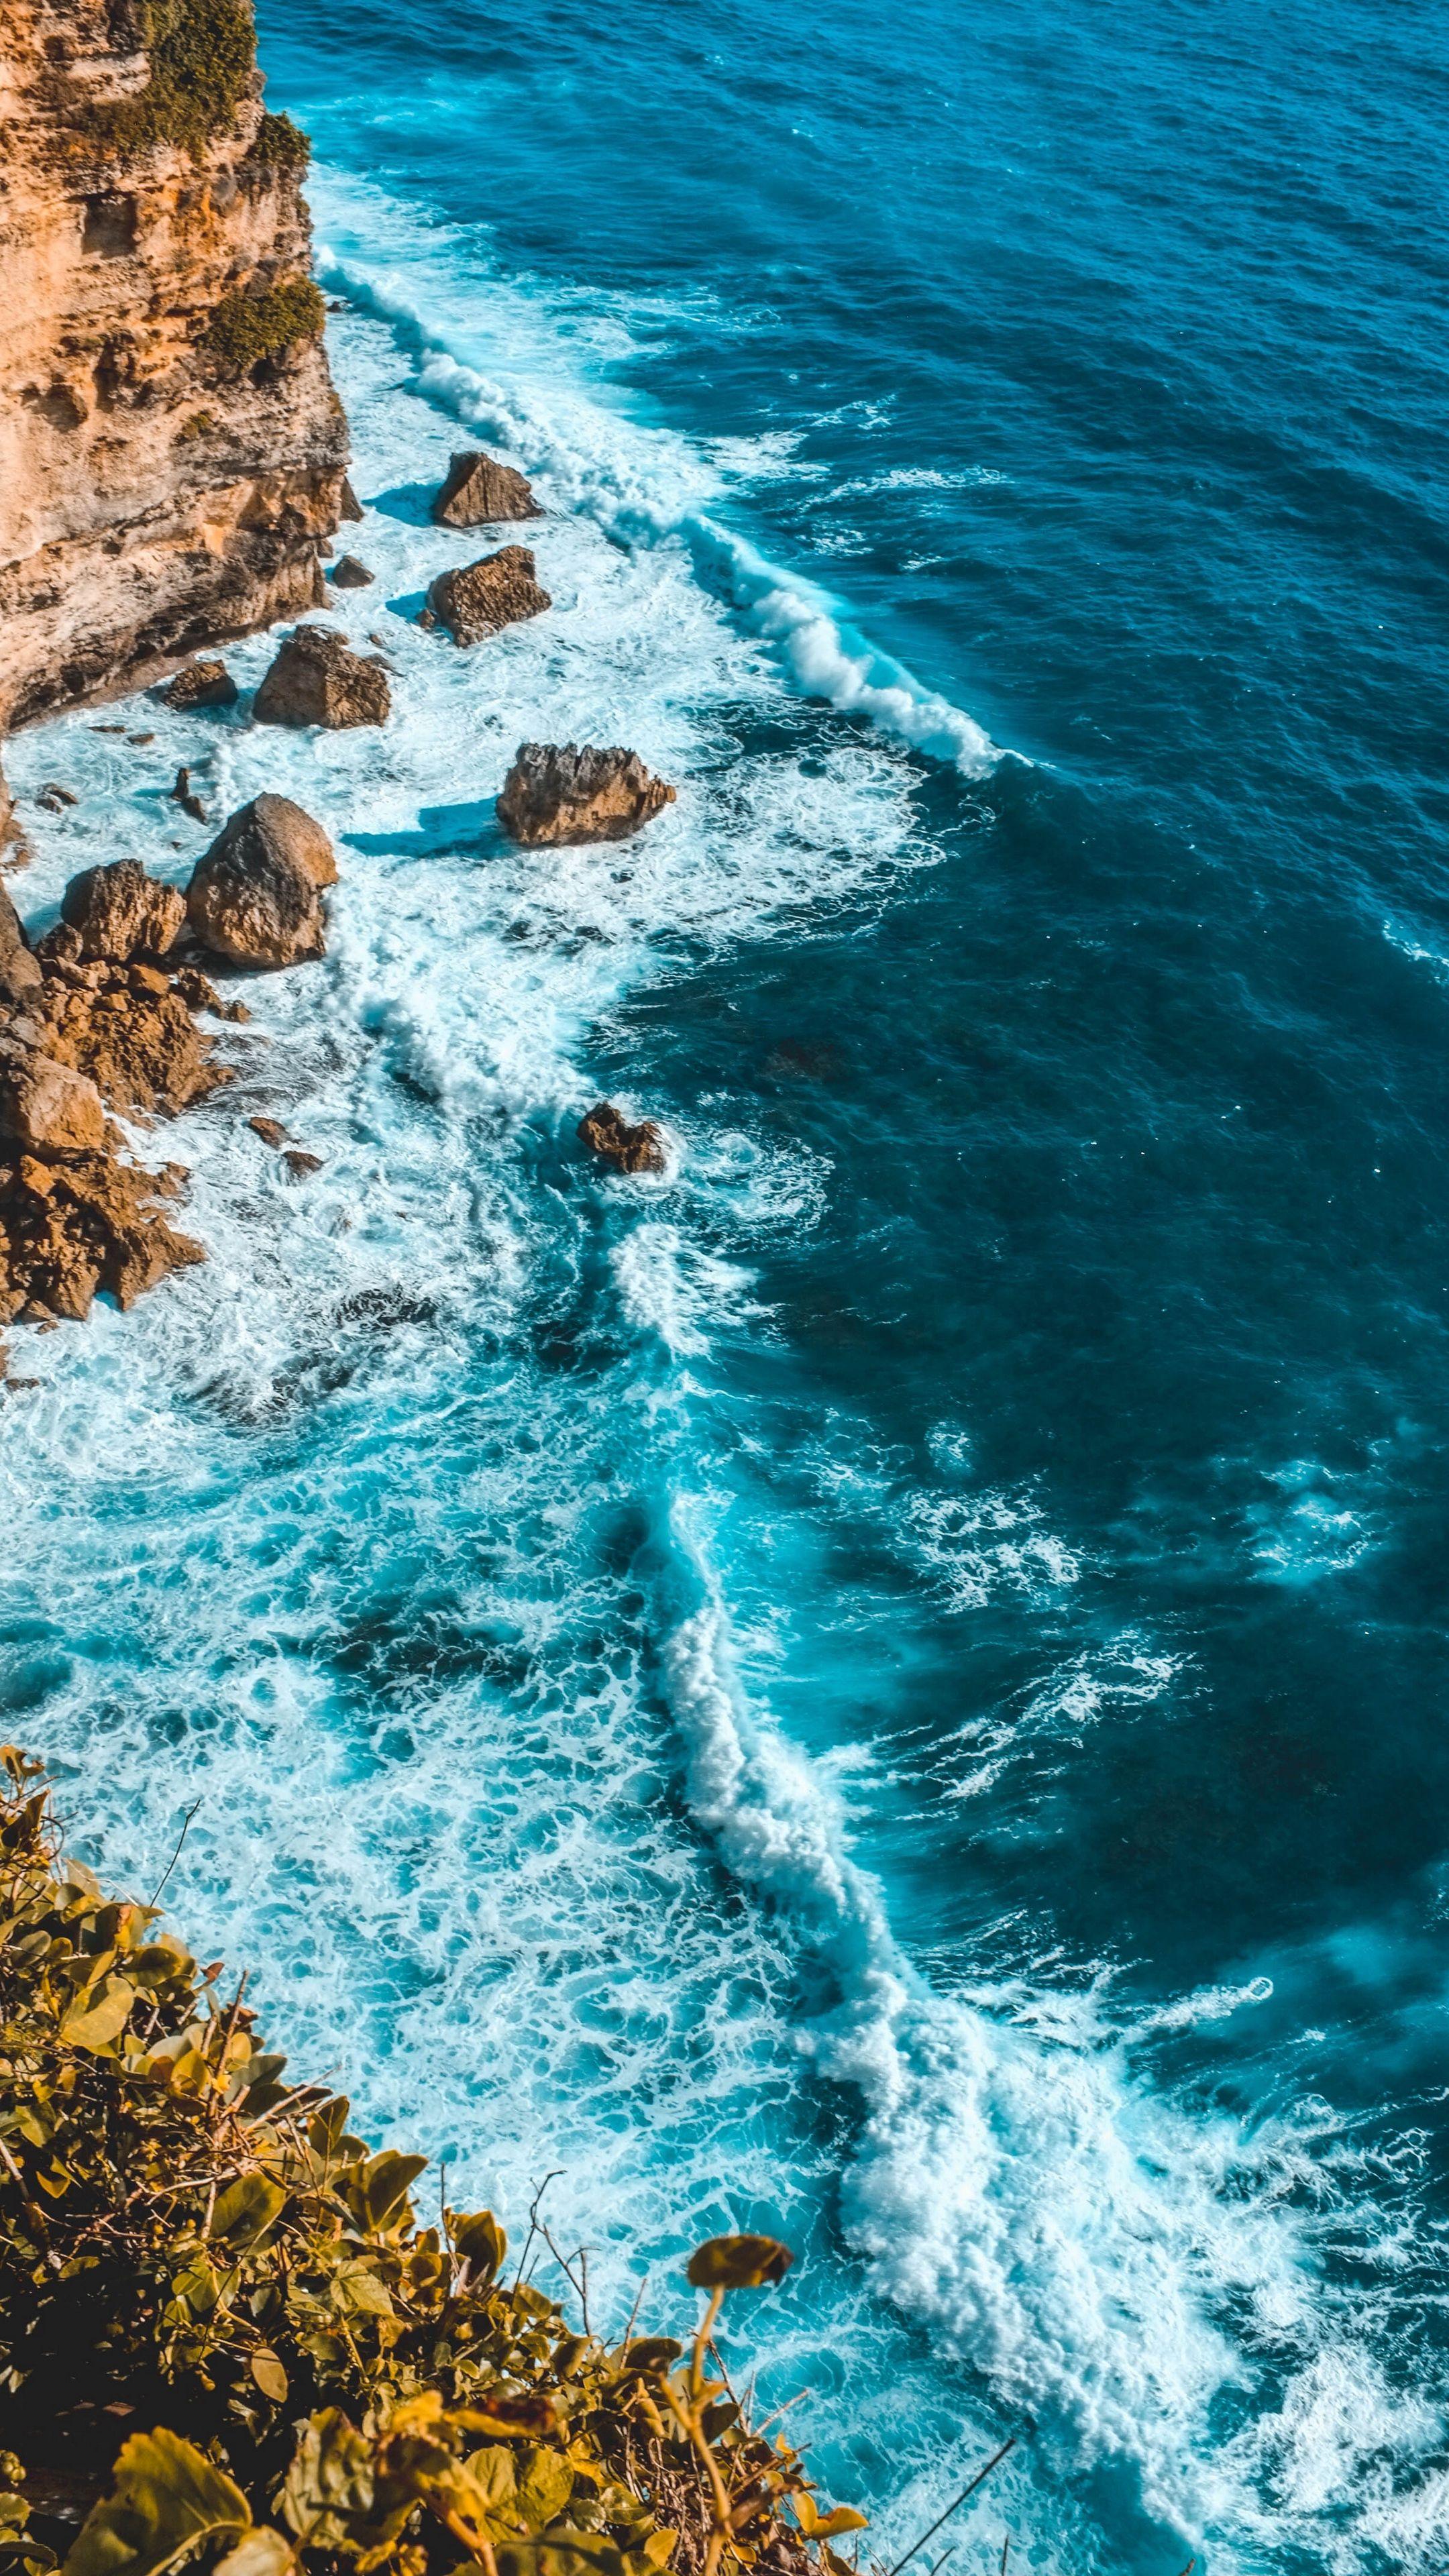 Sea Ocean Beach Aerial Iphone Wallpaper Hd